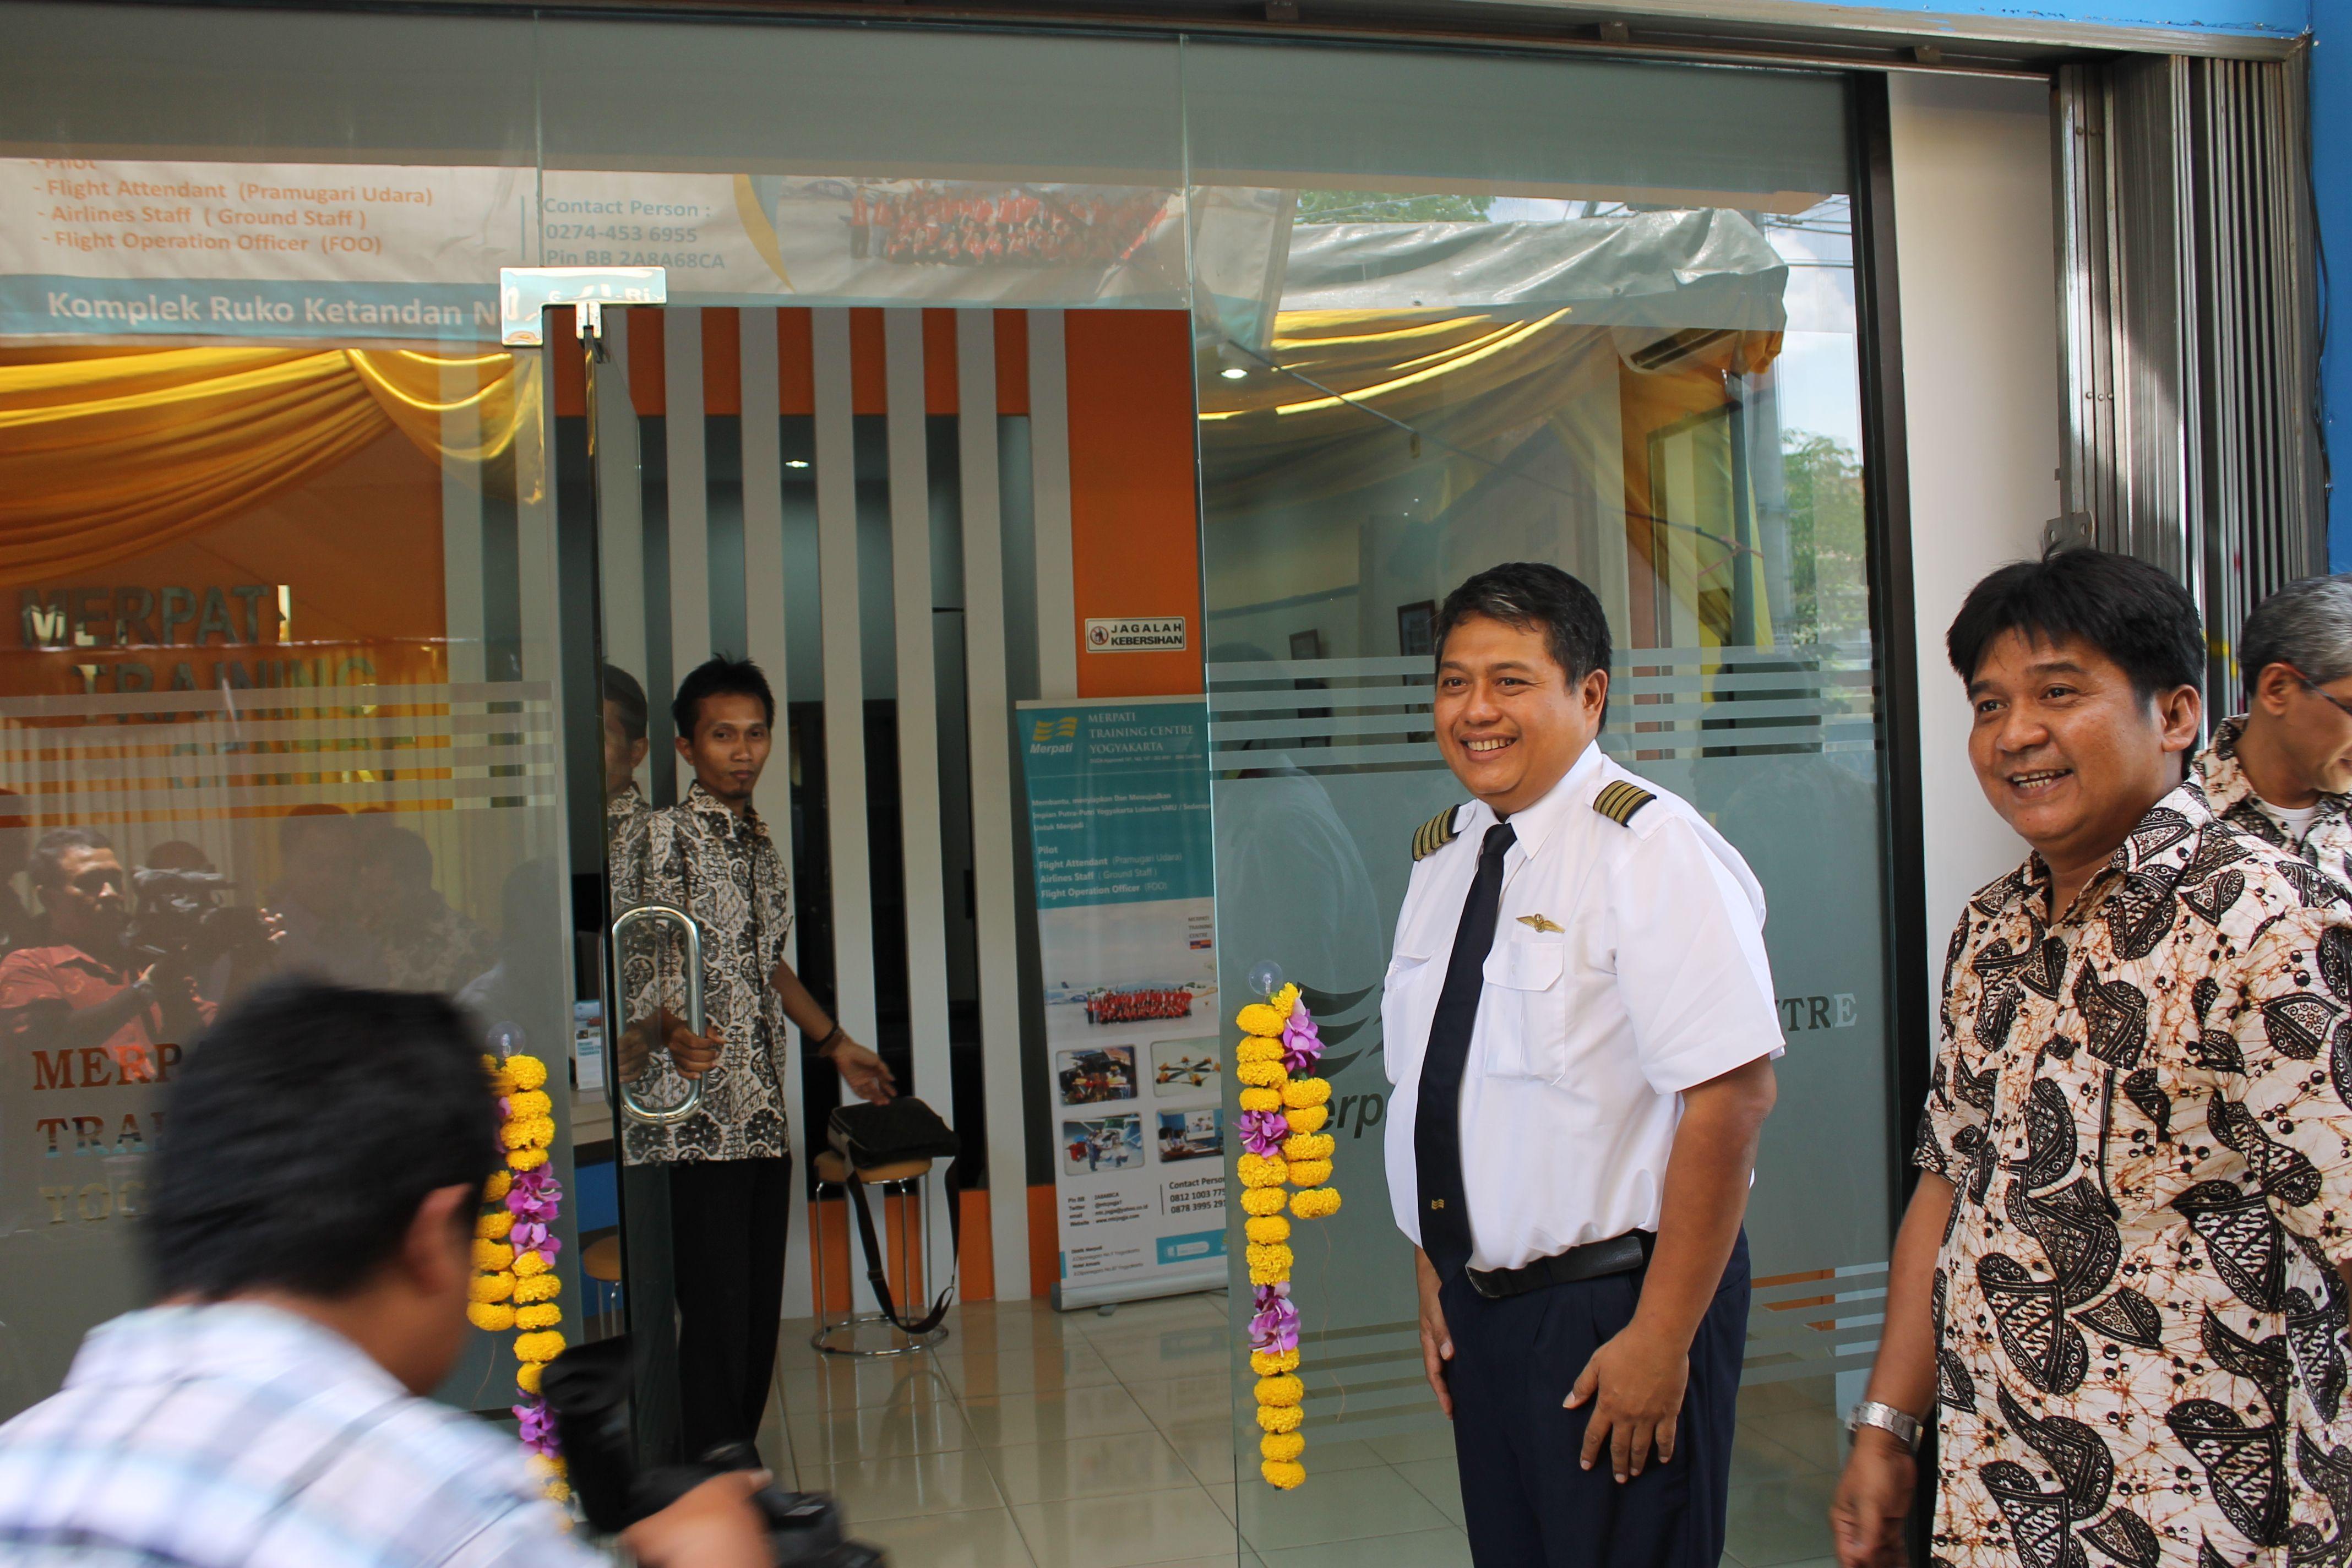 Resmi dibuka! :D  Cabang Sekolah Penerbangan Merpati Training Centre resmi dibuka di Jogja :)  Sekolah Pramugari, Pilot, FOO, dan Airlines Staff